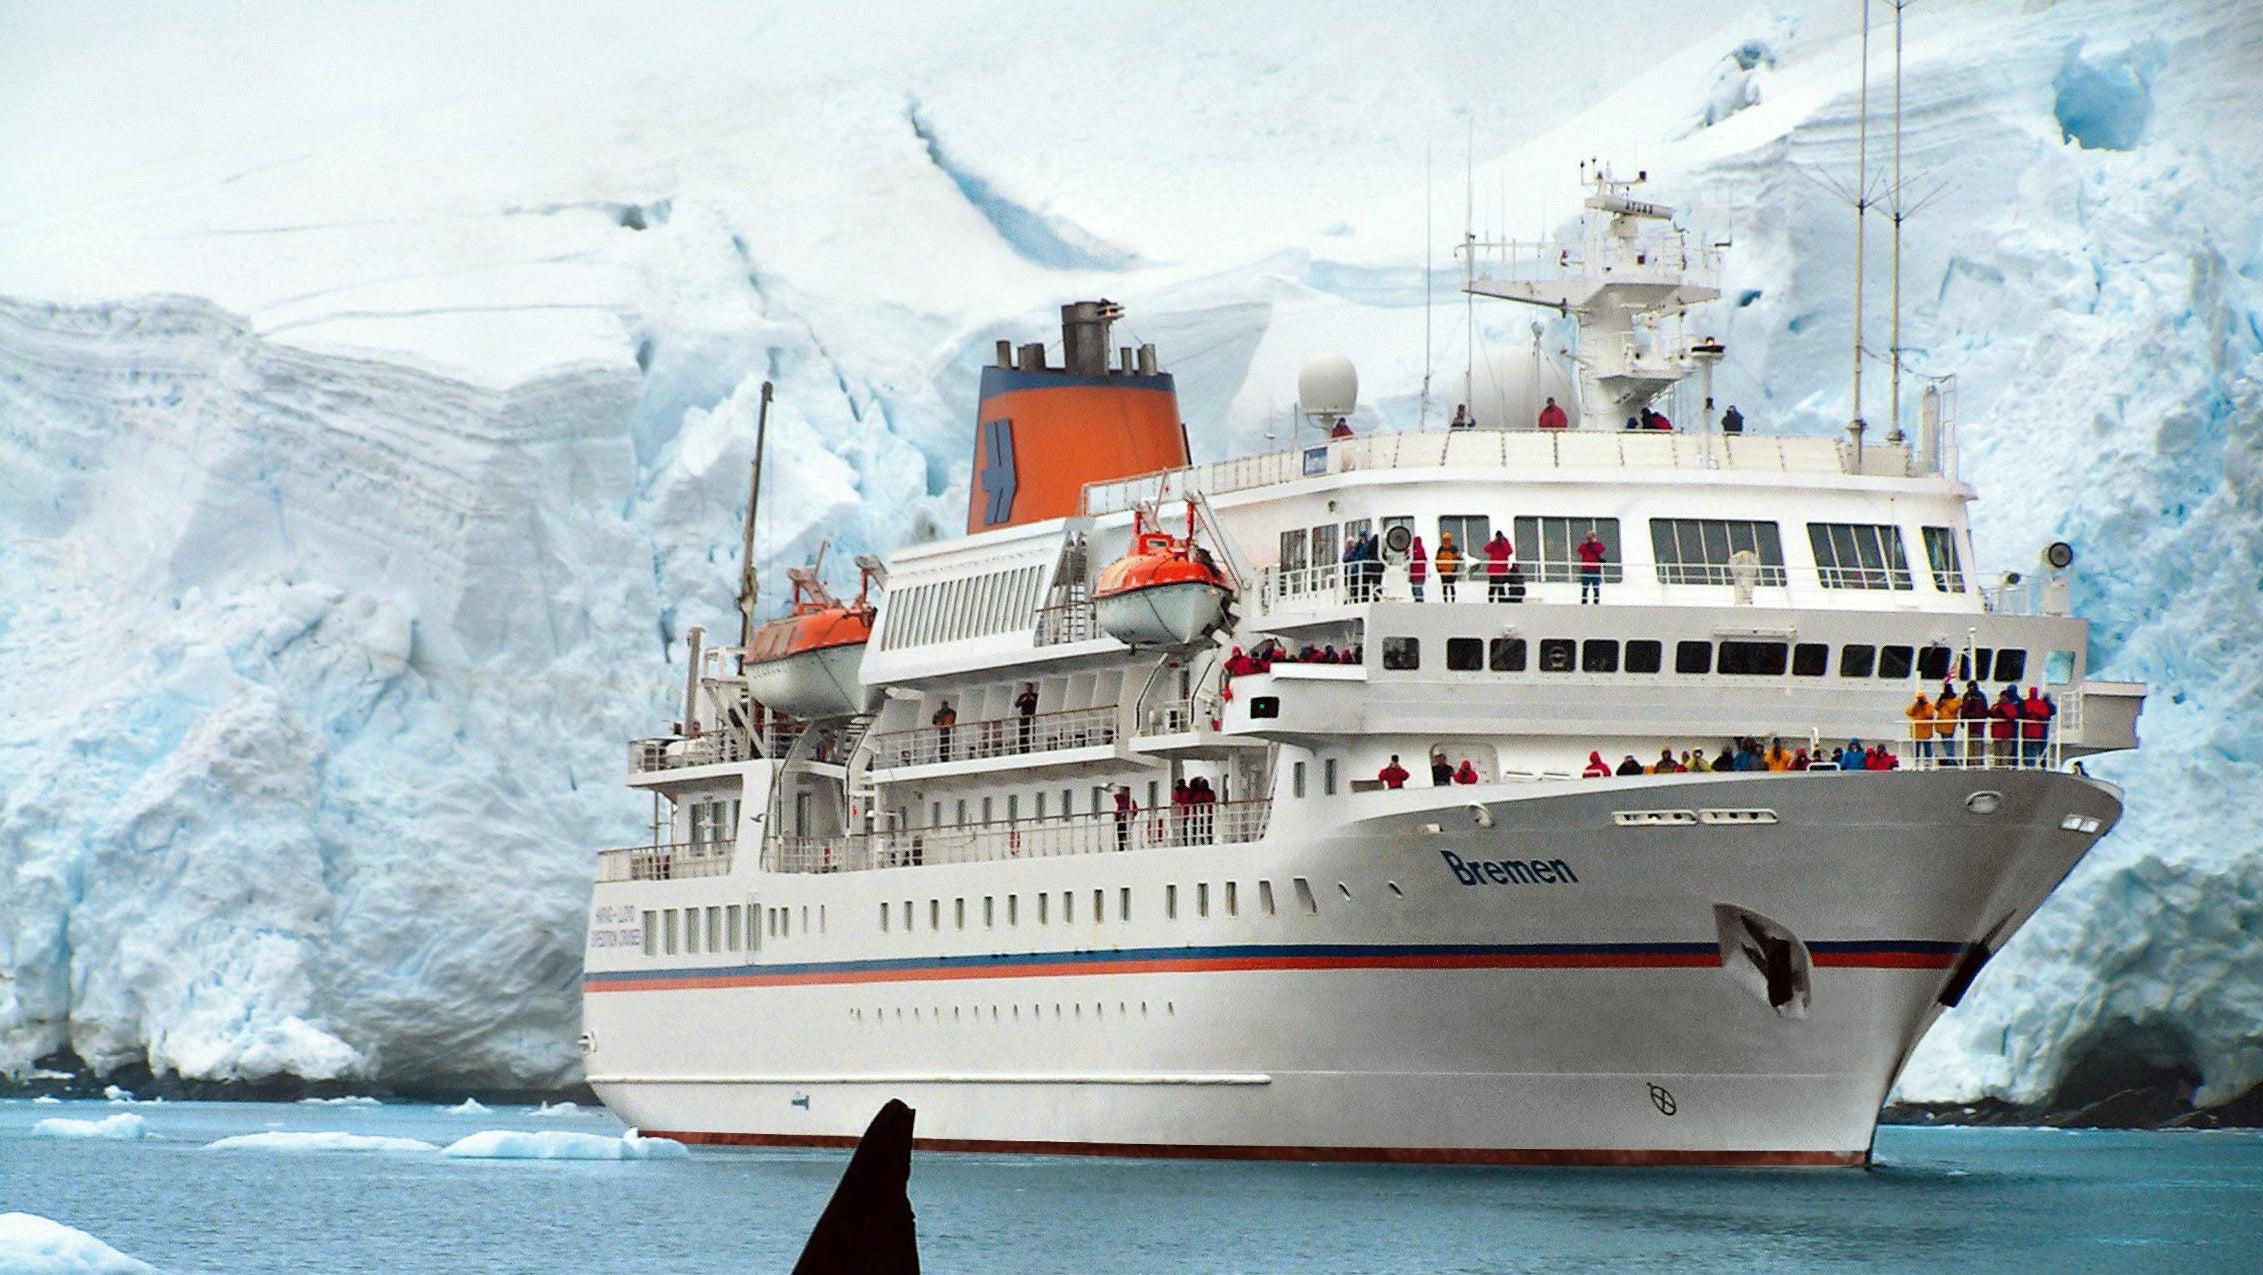 Verletzte deutsches Kreuzfahrtschiff-Crew-Mitglied: Eisbär erschossen